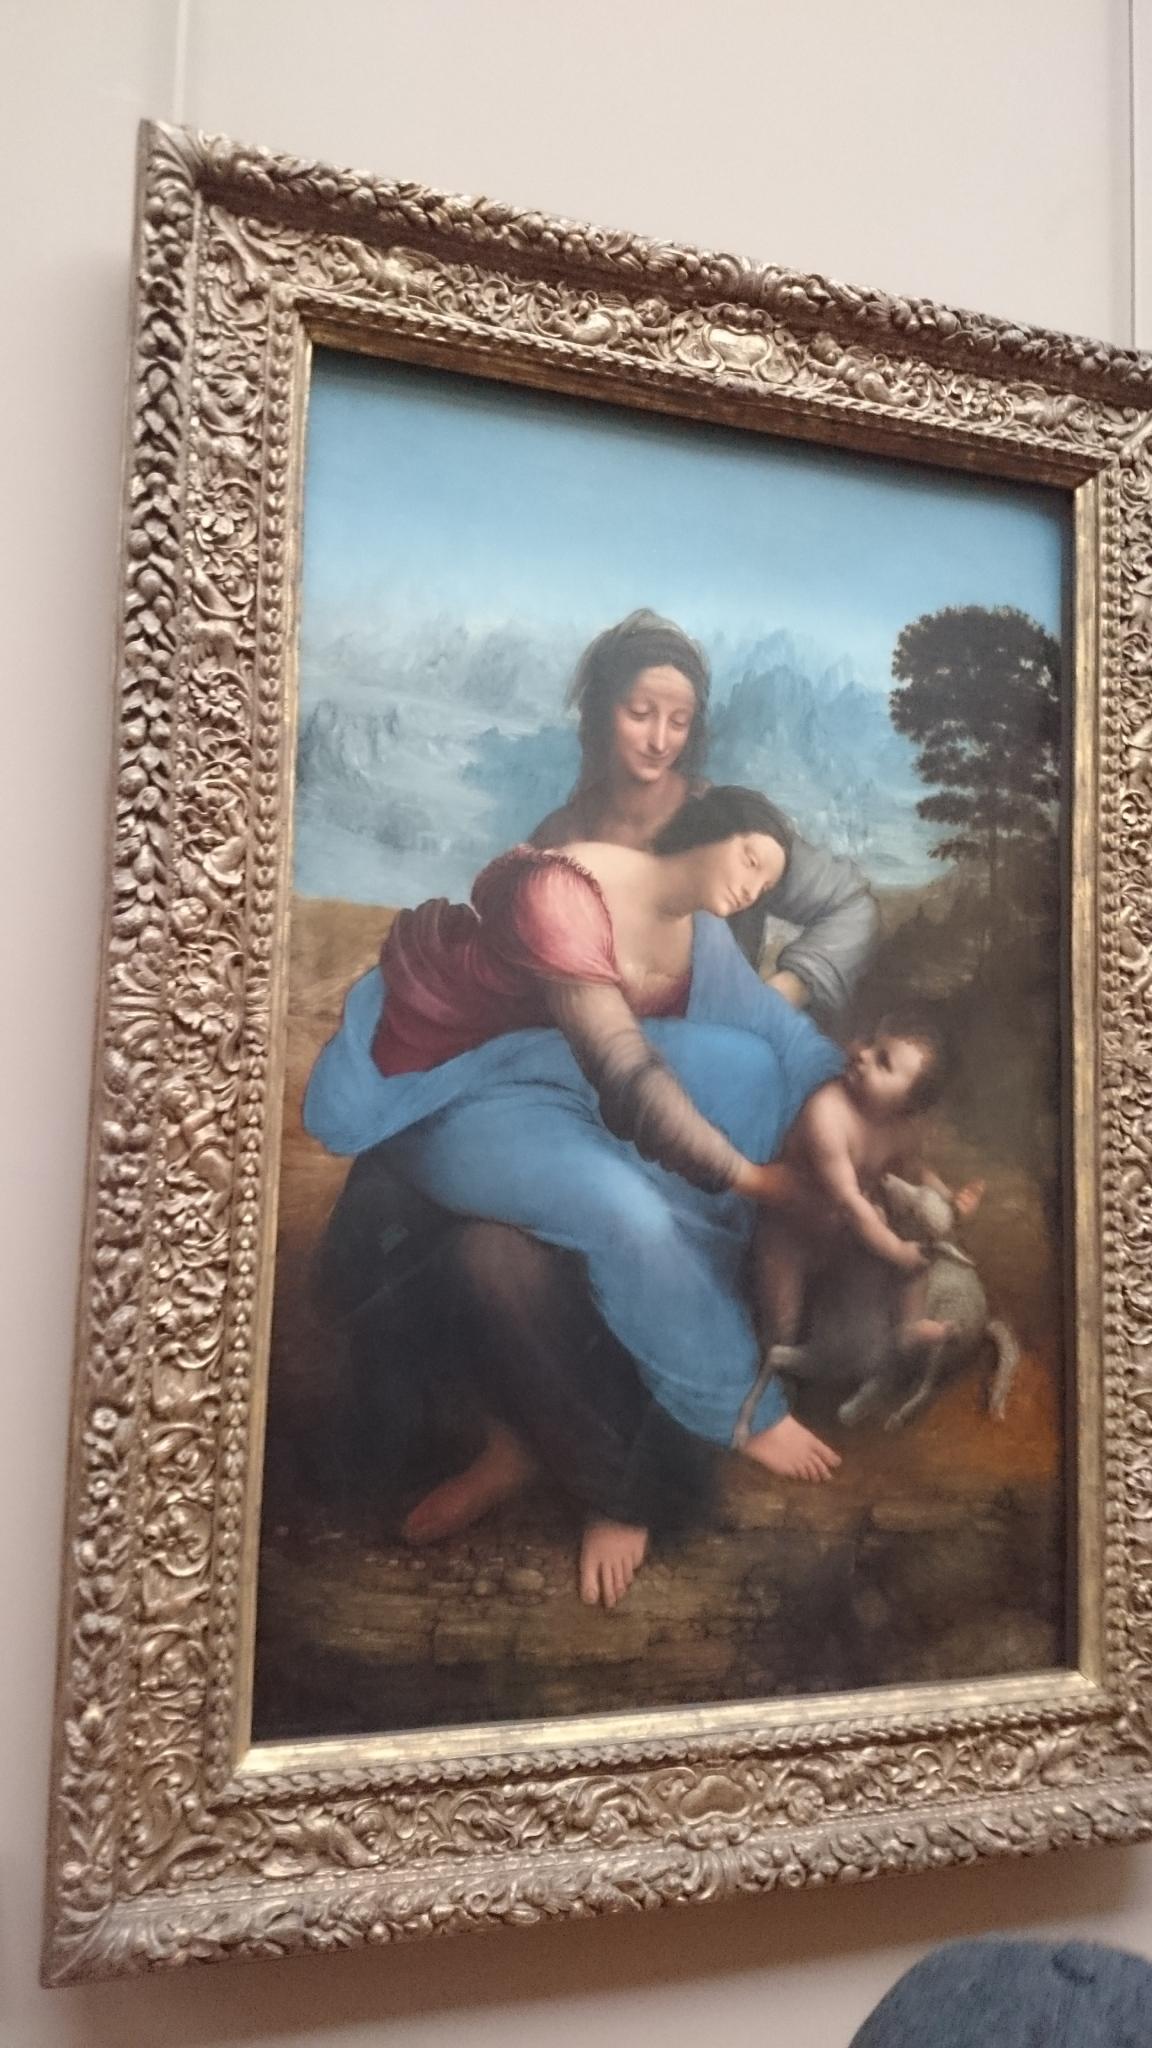 dsc 1479 - Consejos para visitar el Museo Louvre (y otros museos)